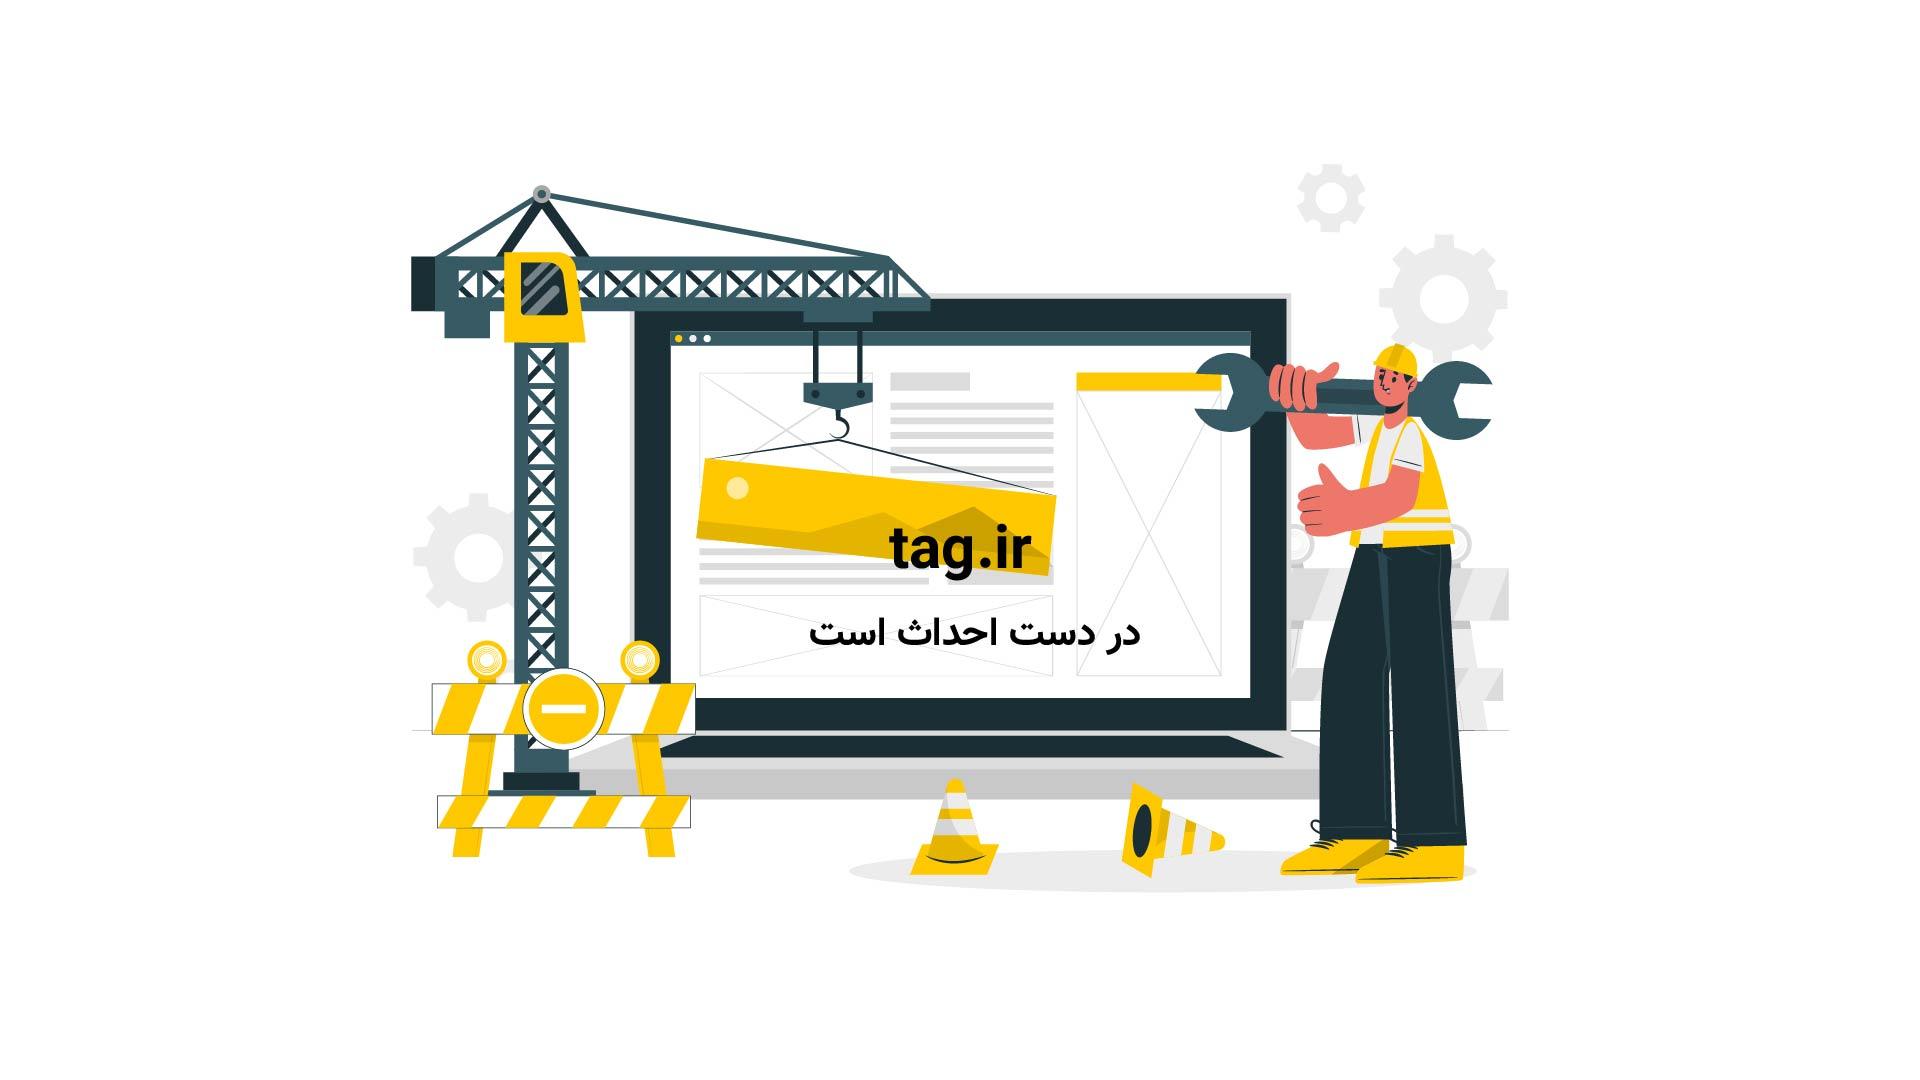 جوشکاری کشتی های غول پیکر | تگ